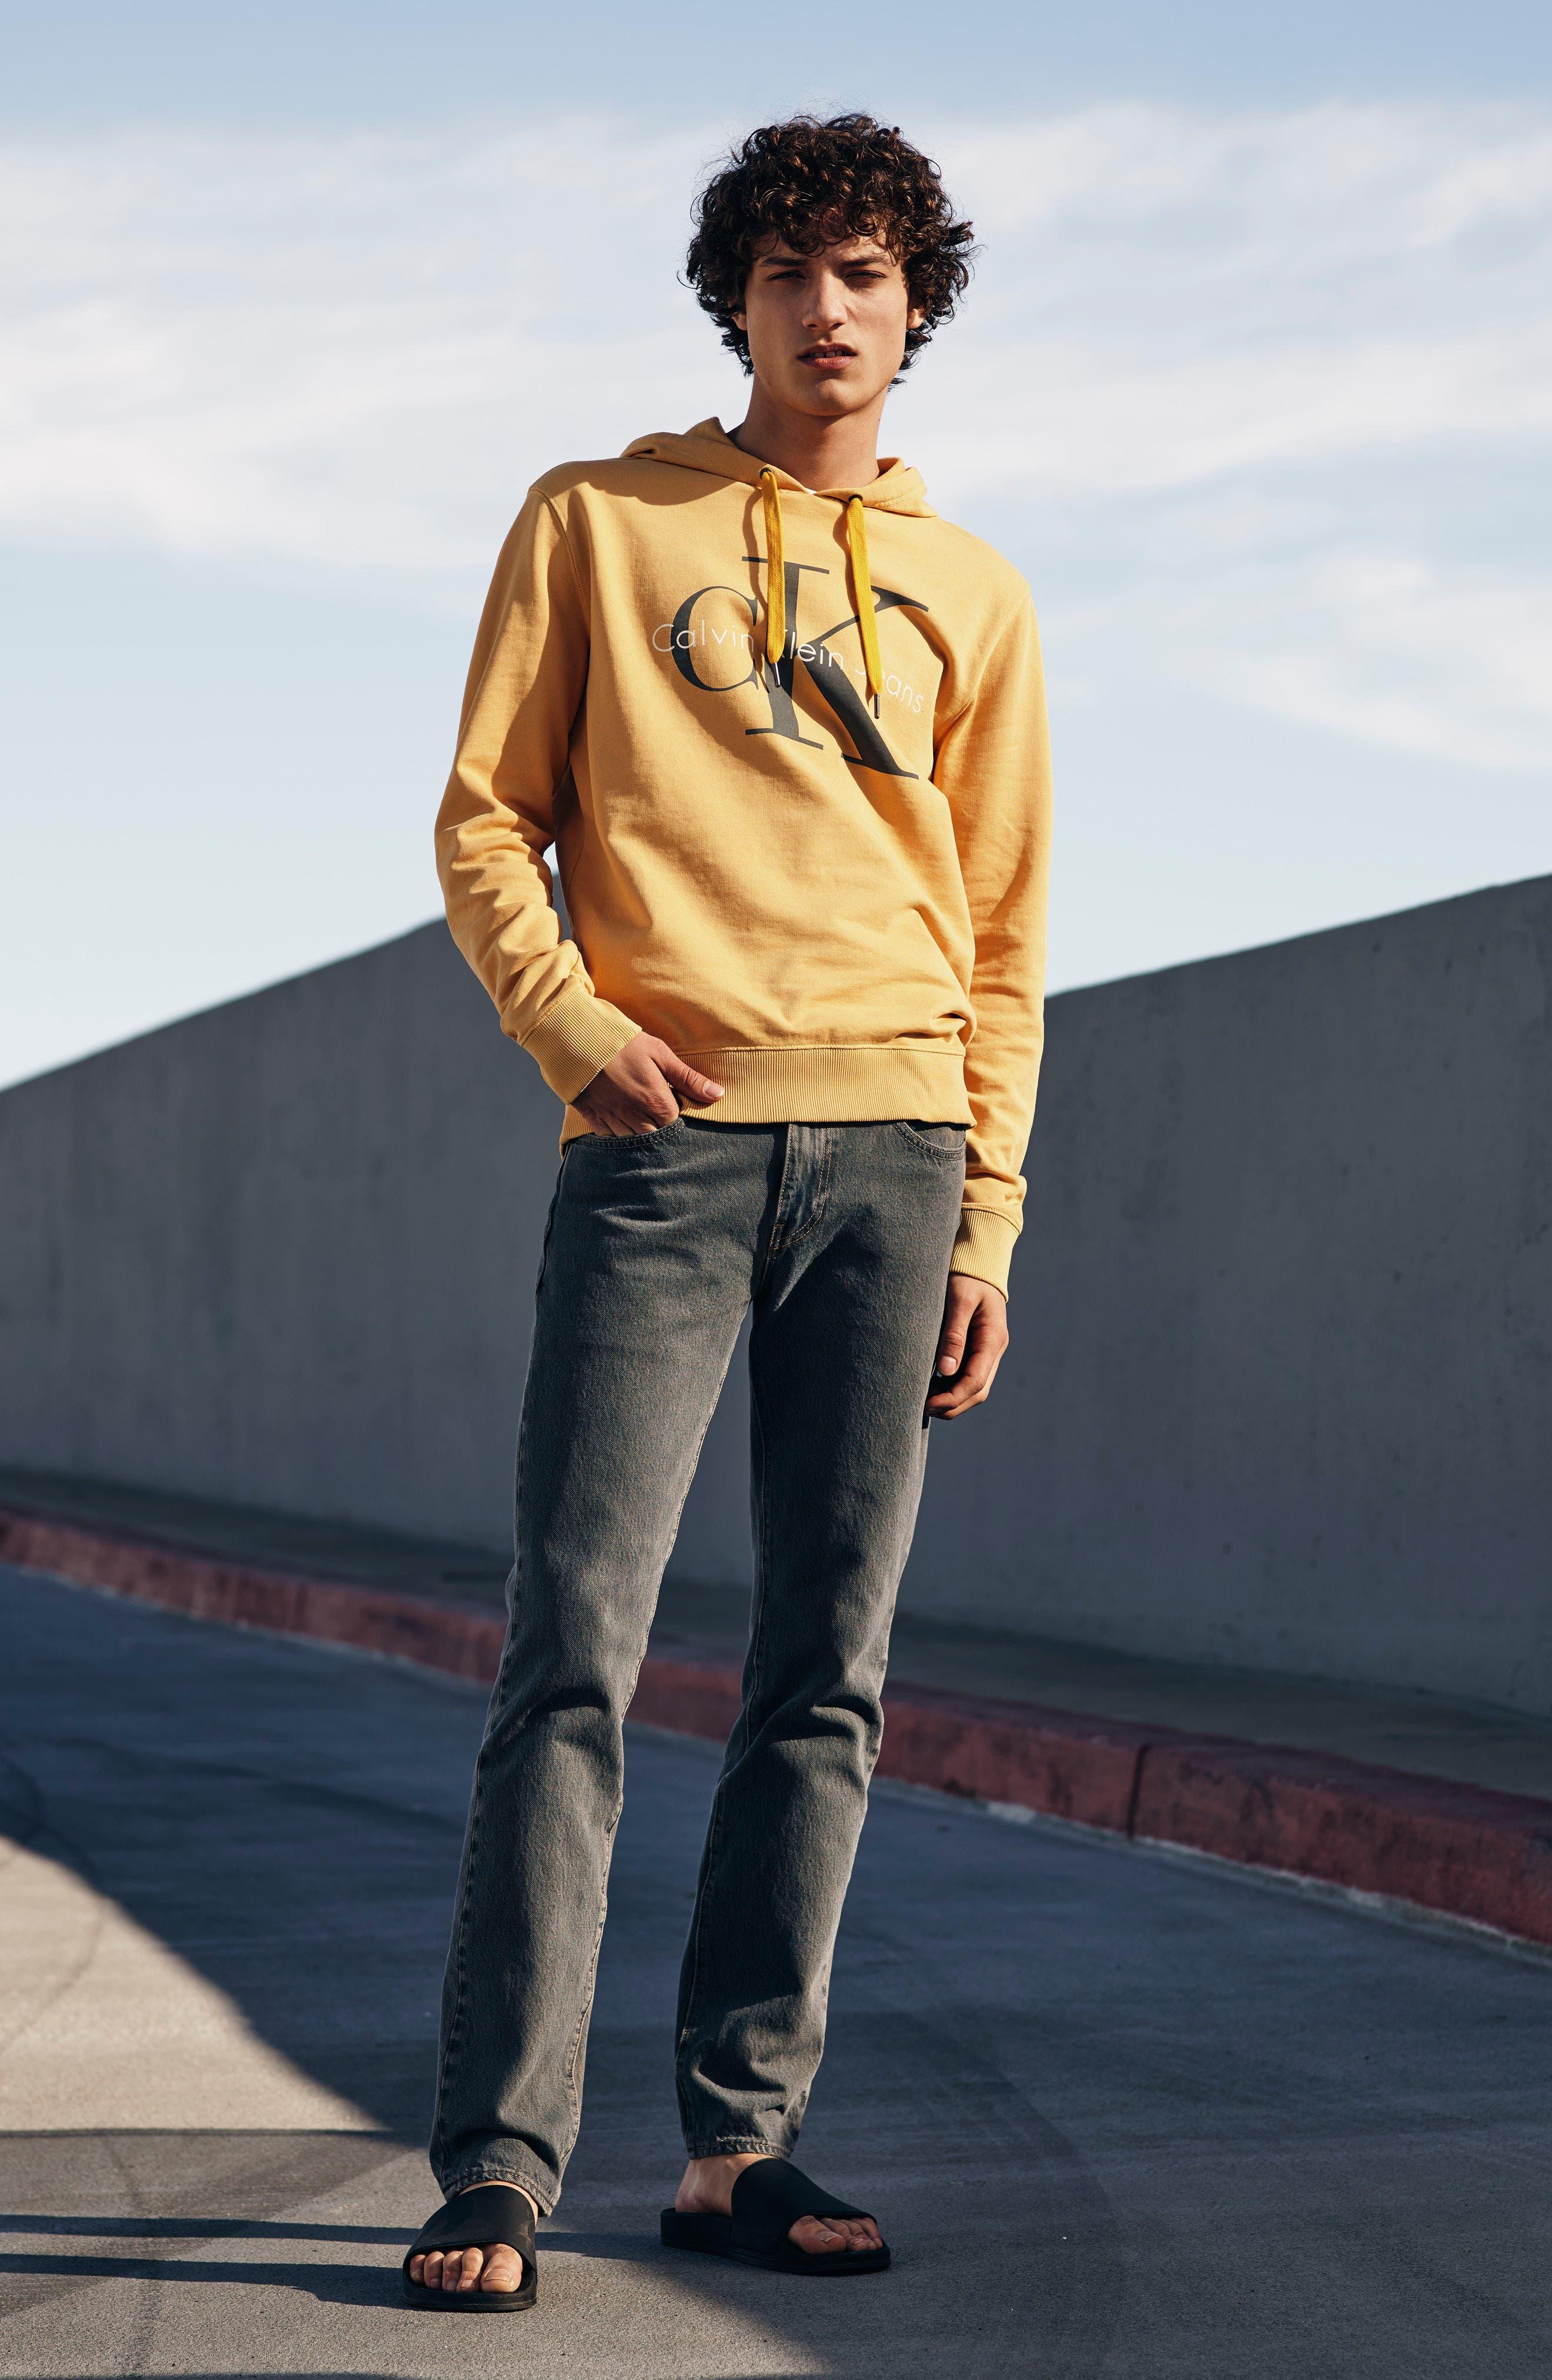 Everett Slim Straight Leg Jeans,                             Alternate thumbnail 11, color,                             HIGHWAY